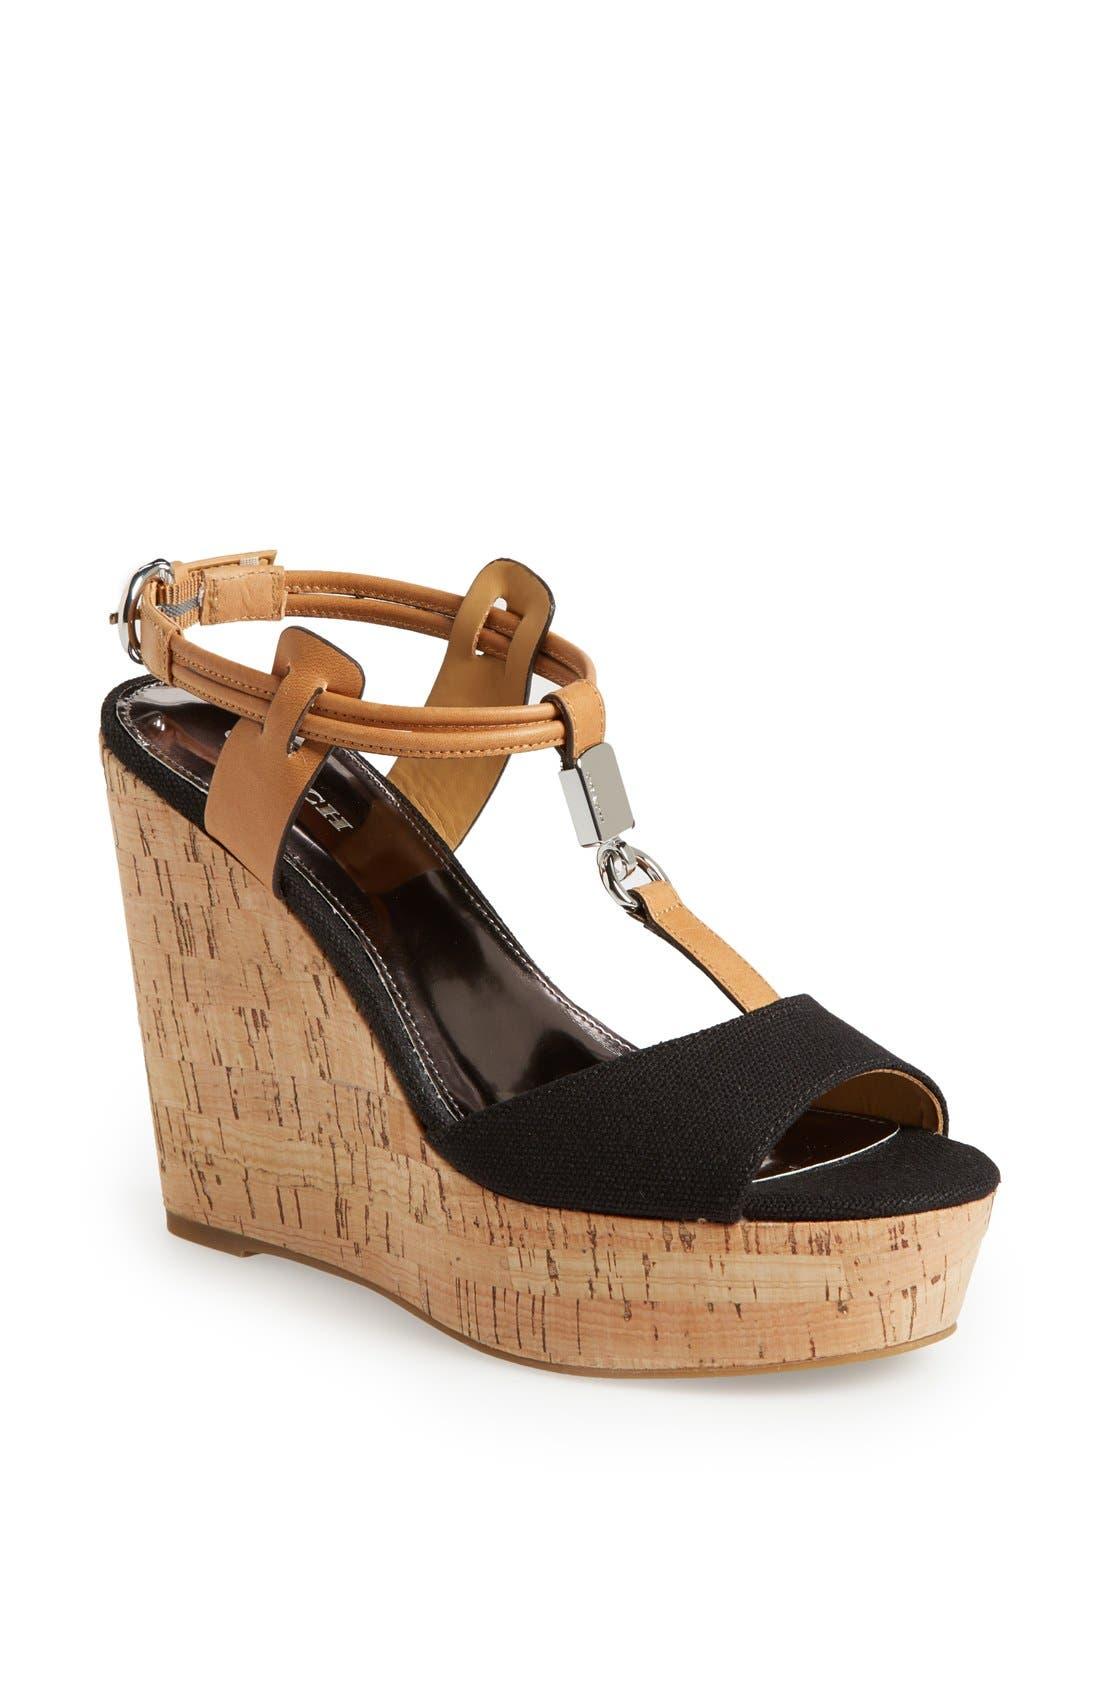 Main Image - COACH 'Linden' Wedge Platform Sandal